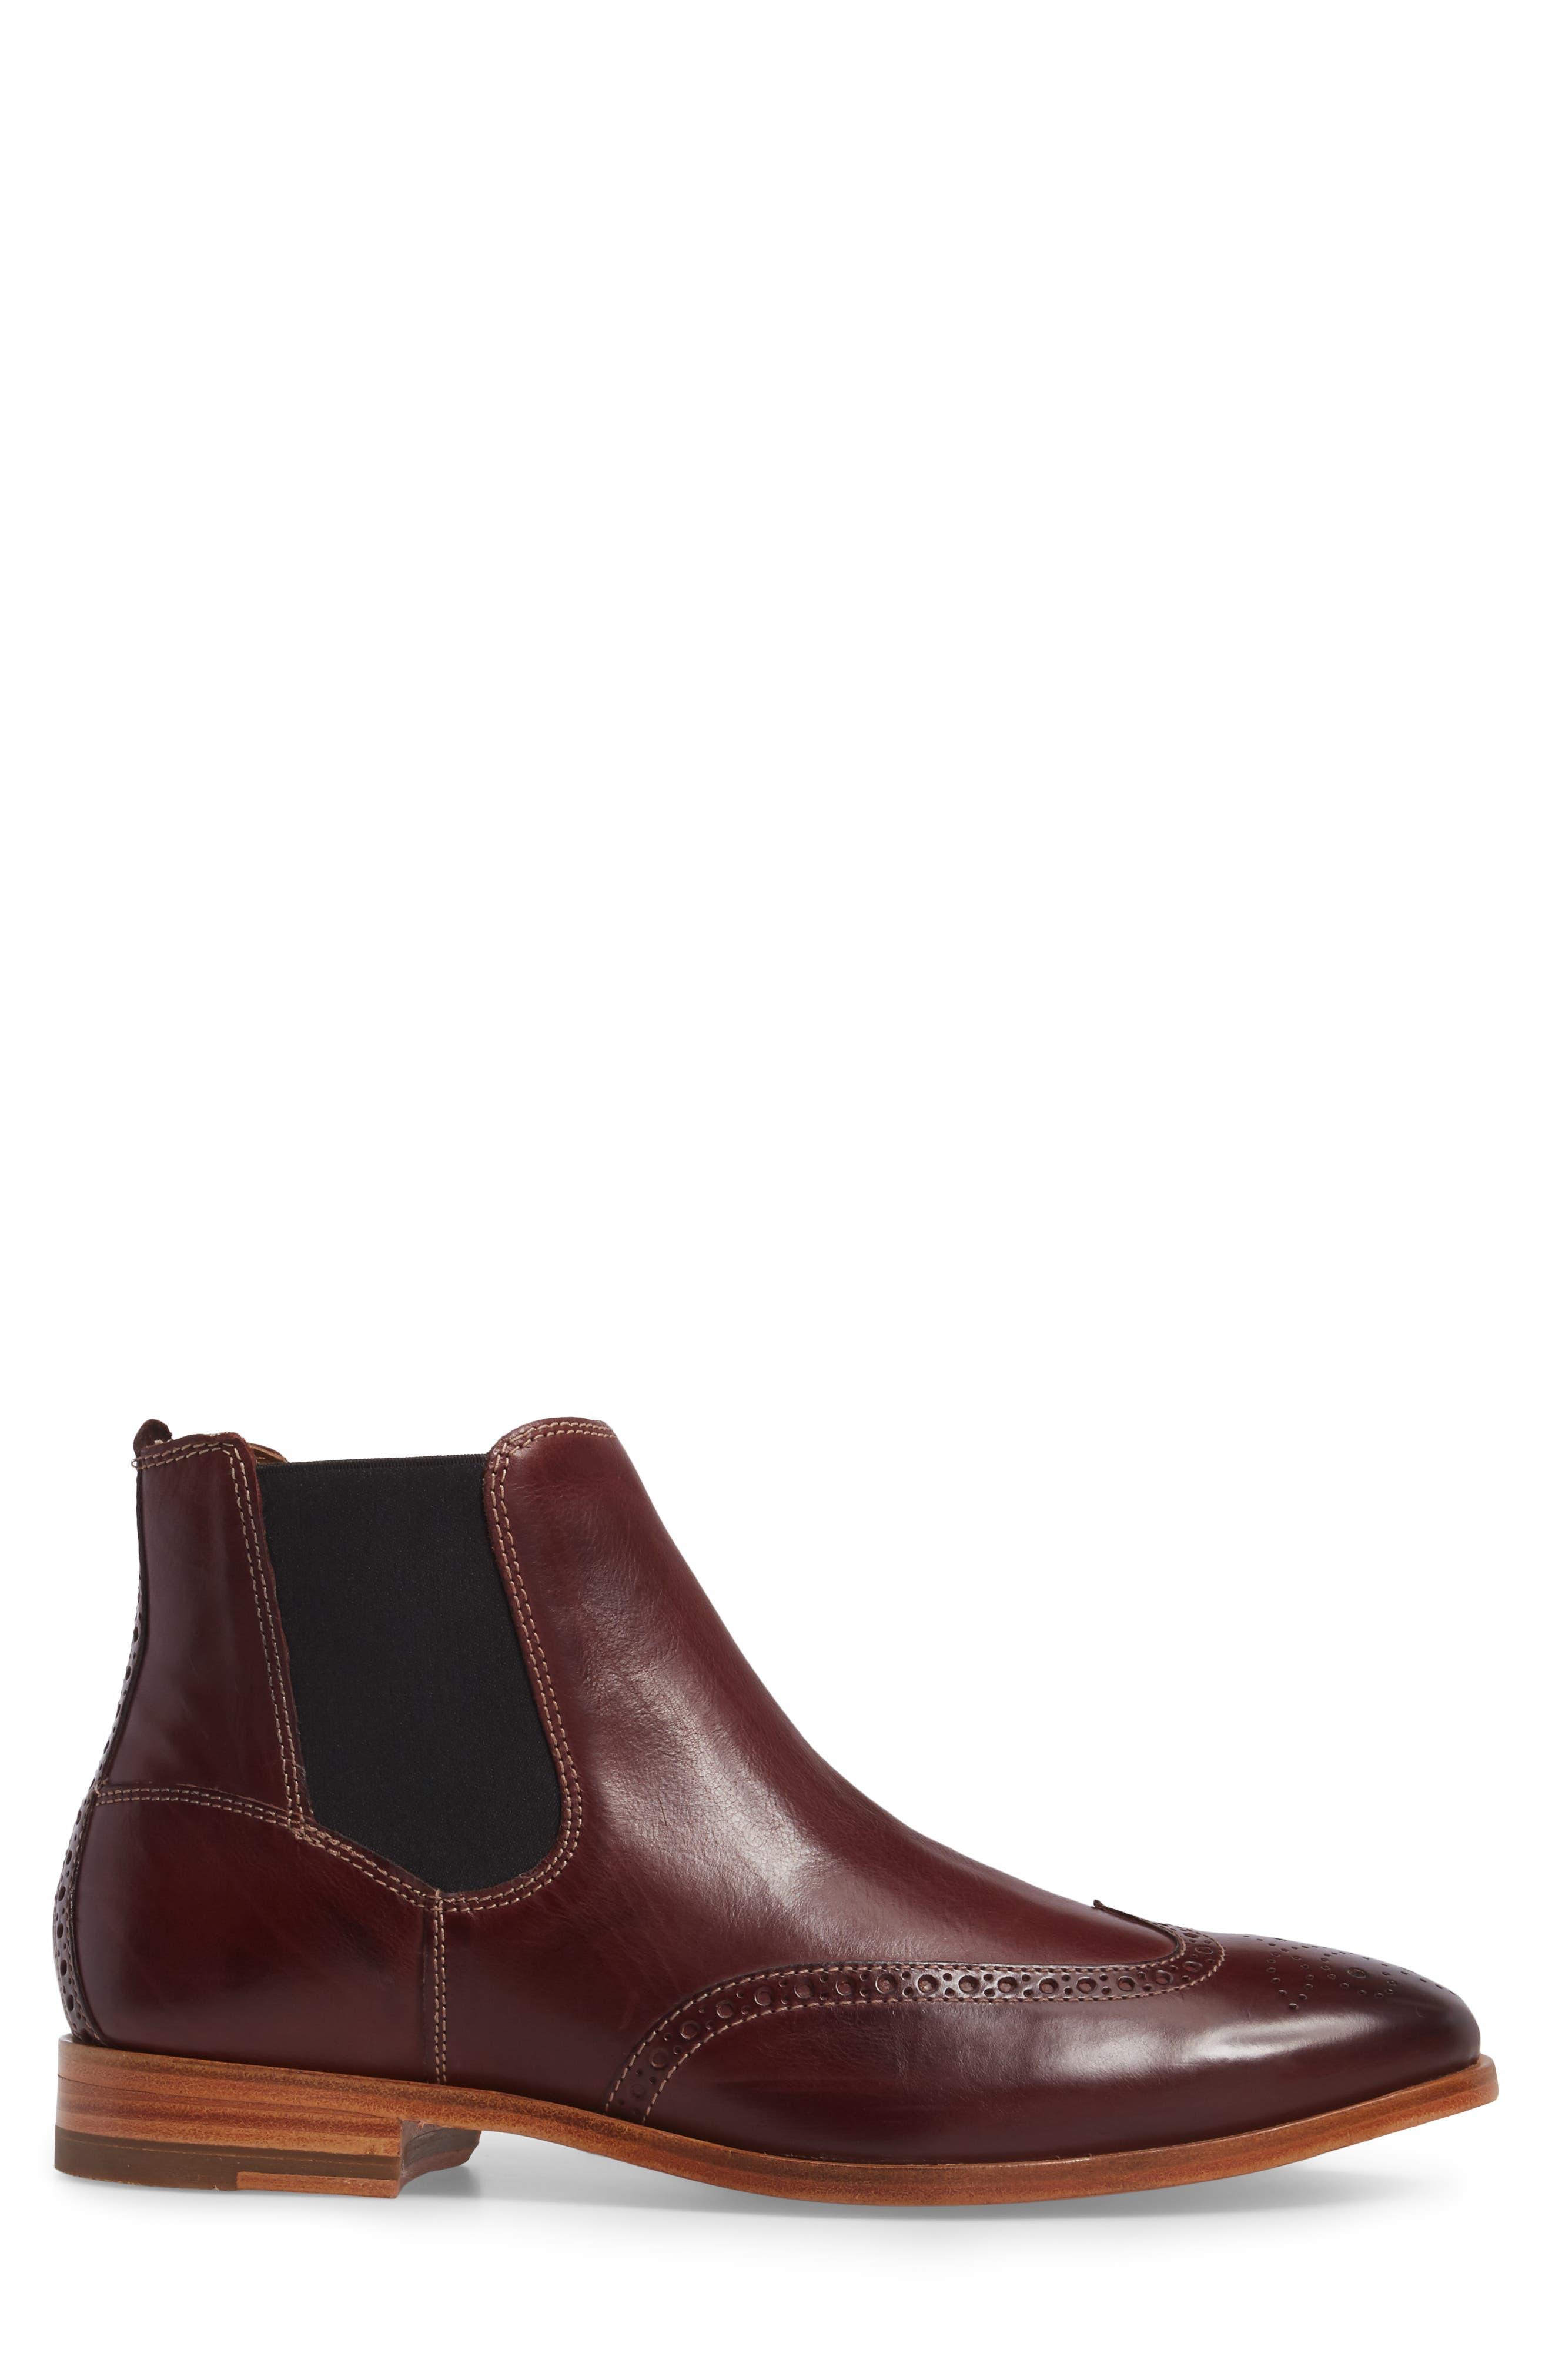 Graham Chelsea Boot,                             Alternate thumbnail 3, color,                             930